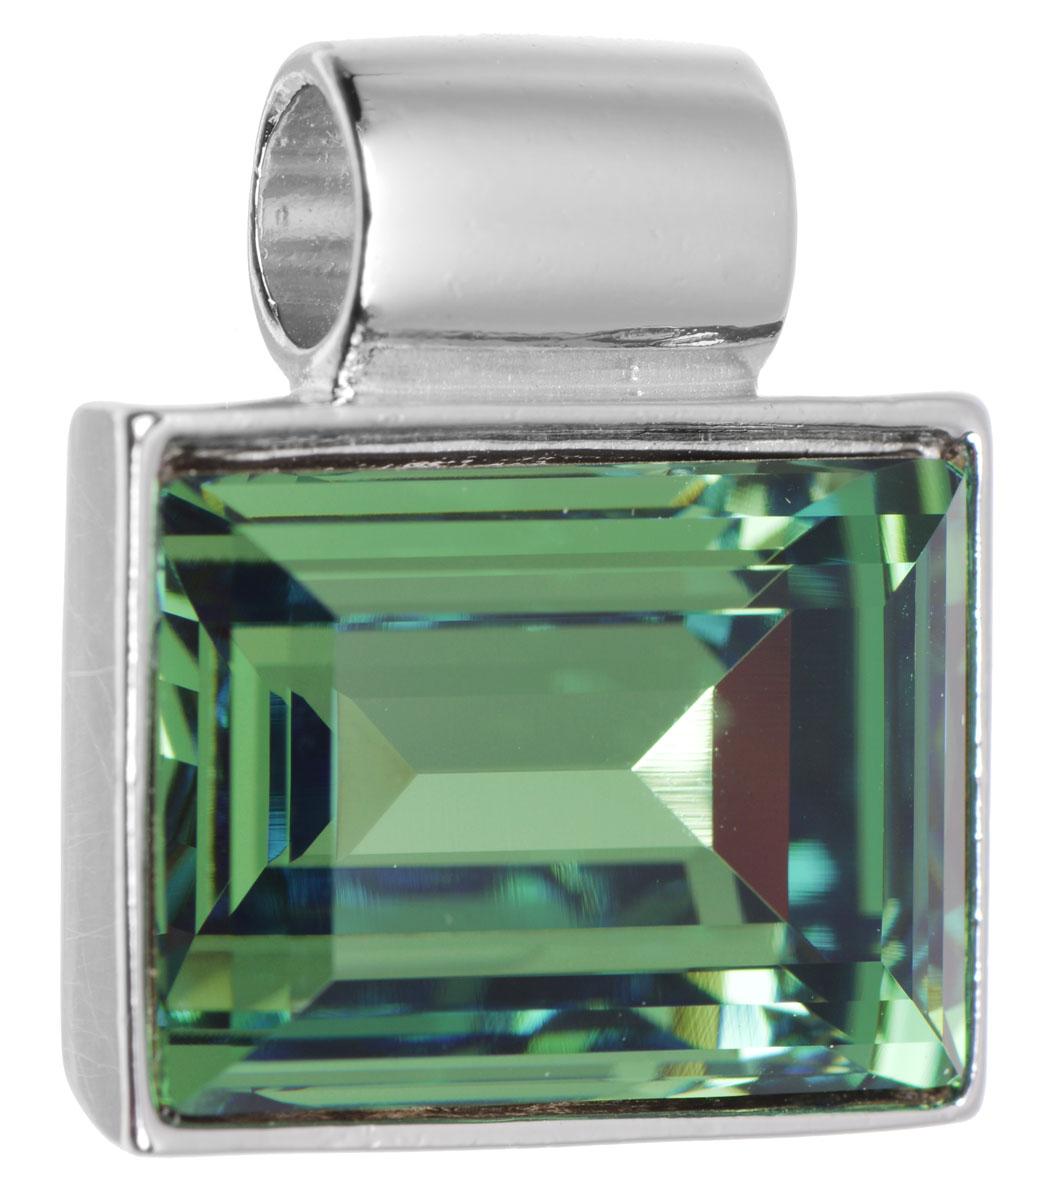 Подвеска Jenavi Тянада, цвет: серебряный, зеленый. k296f334k296f334Подвеска Jenavi Тянада выполнена из гипоаллергенного ювелирного сплава, оформлена покрытием из серебра и родия. Подвеска прямоугольной формы дополнена граненым кристаллом Swarovski. Изделие имеет отверстие, которое позволит использовать шнур или цепочку любого диаметра. Подвеска Jenavi Тянада поможет дополнить любой образ и привнести в него завершающий яркий штрих.